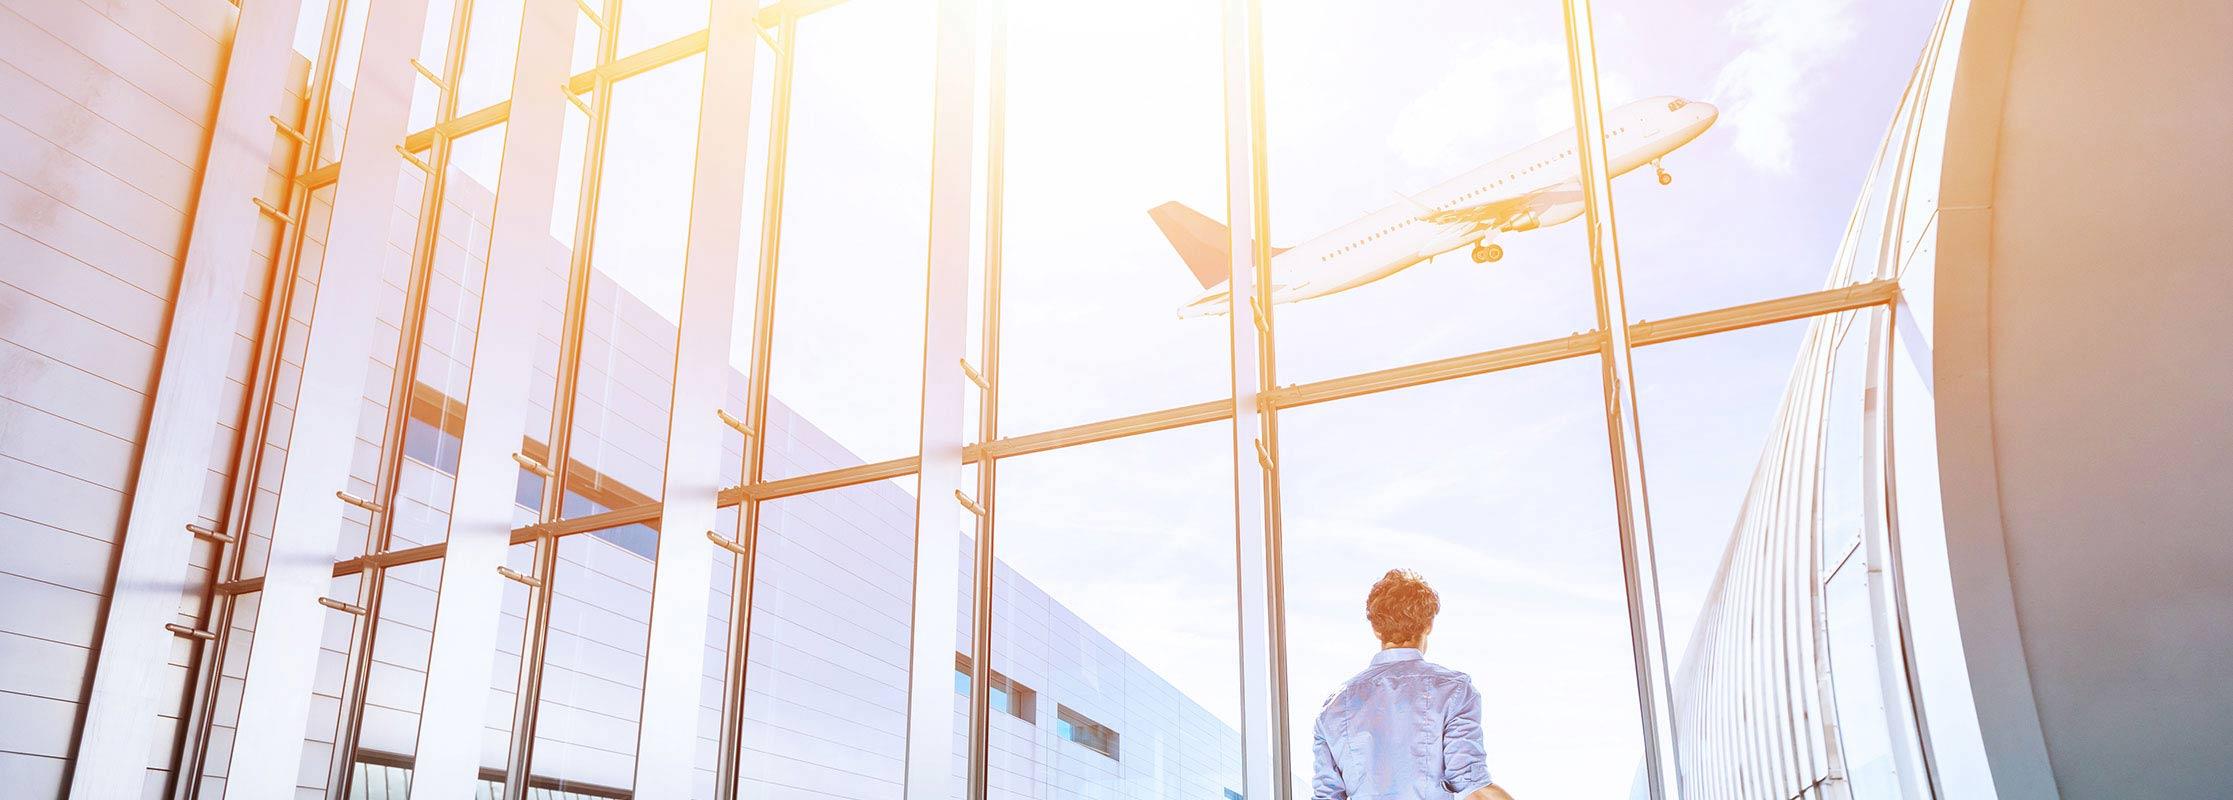 Startvorgang eines Flugzeugs am Flughafen, Aviation Management studieren an der TRIAGON Akademie